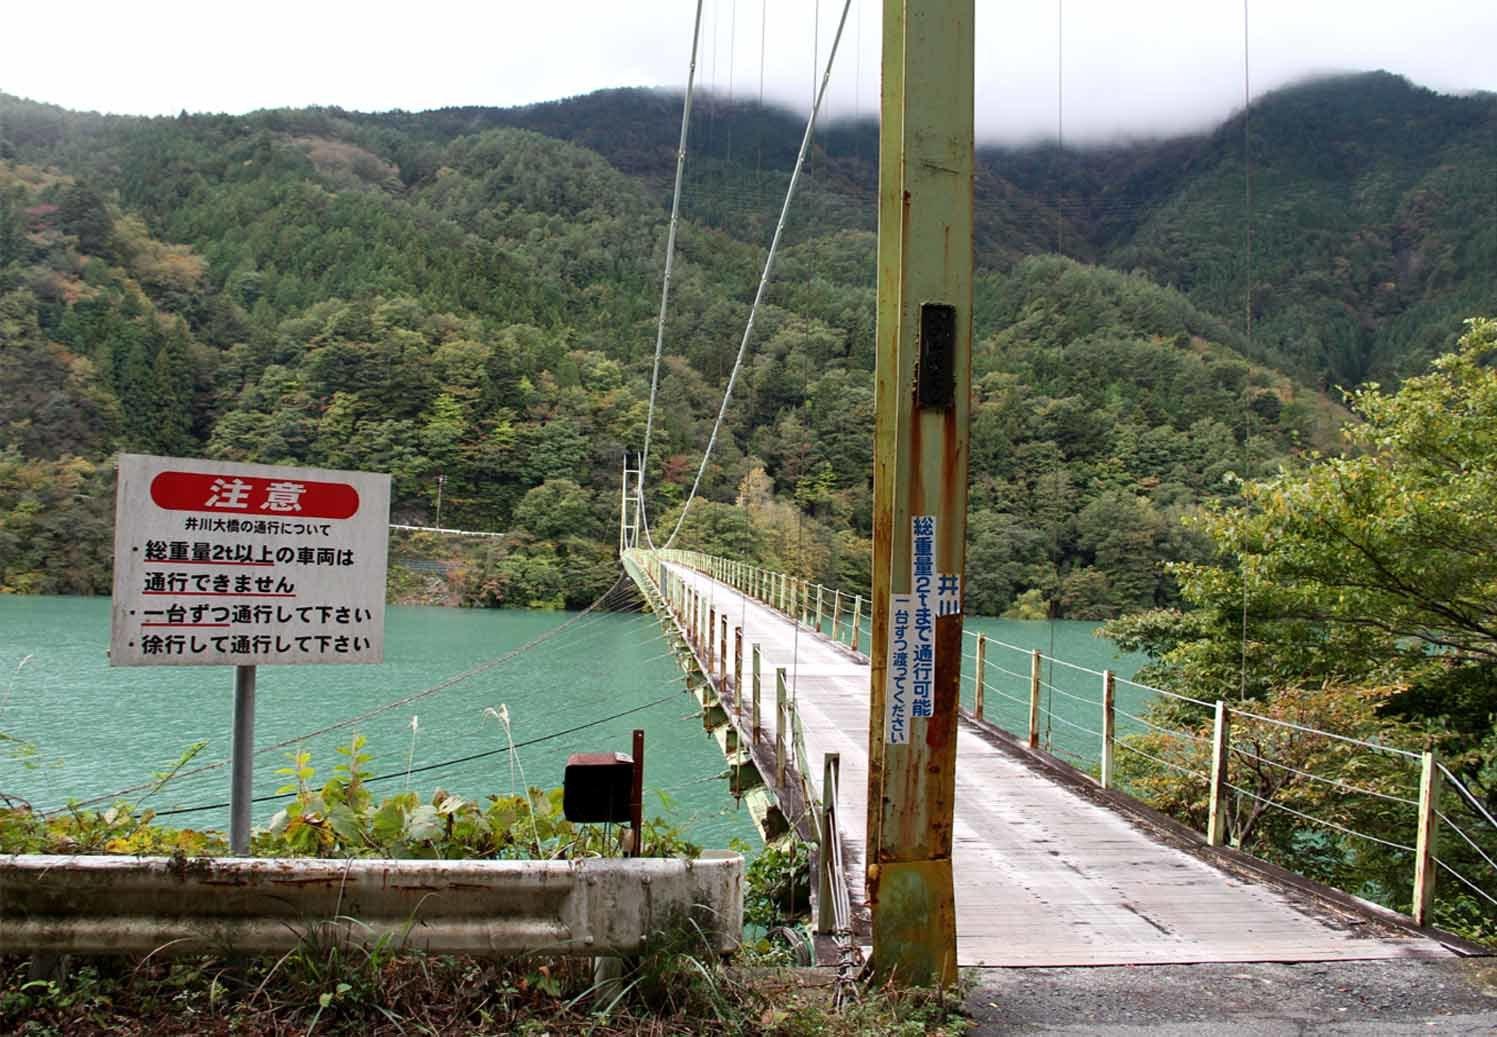 立派な?吊橋(1)